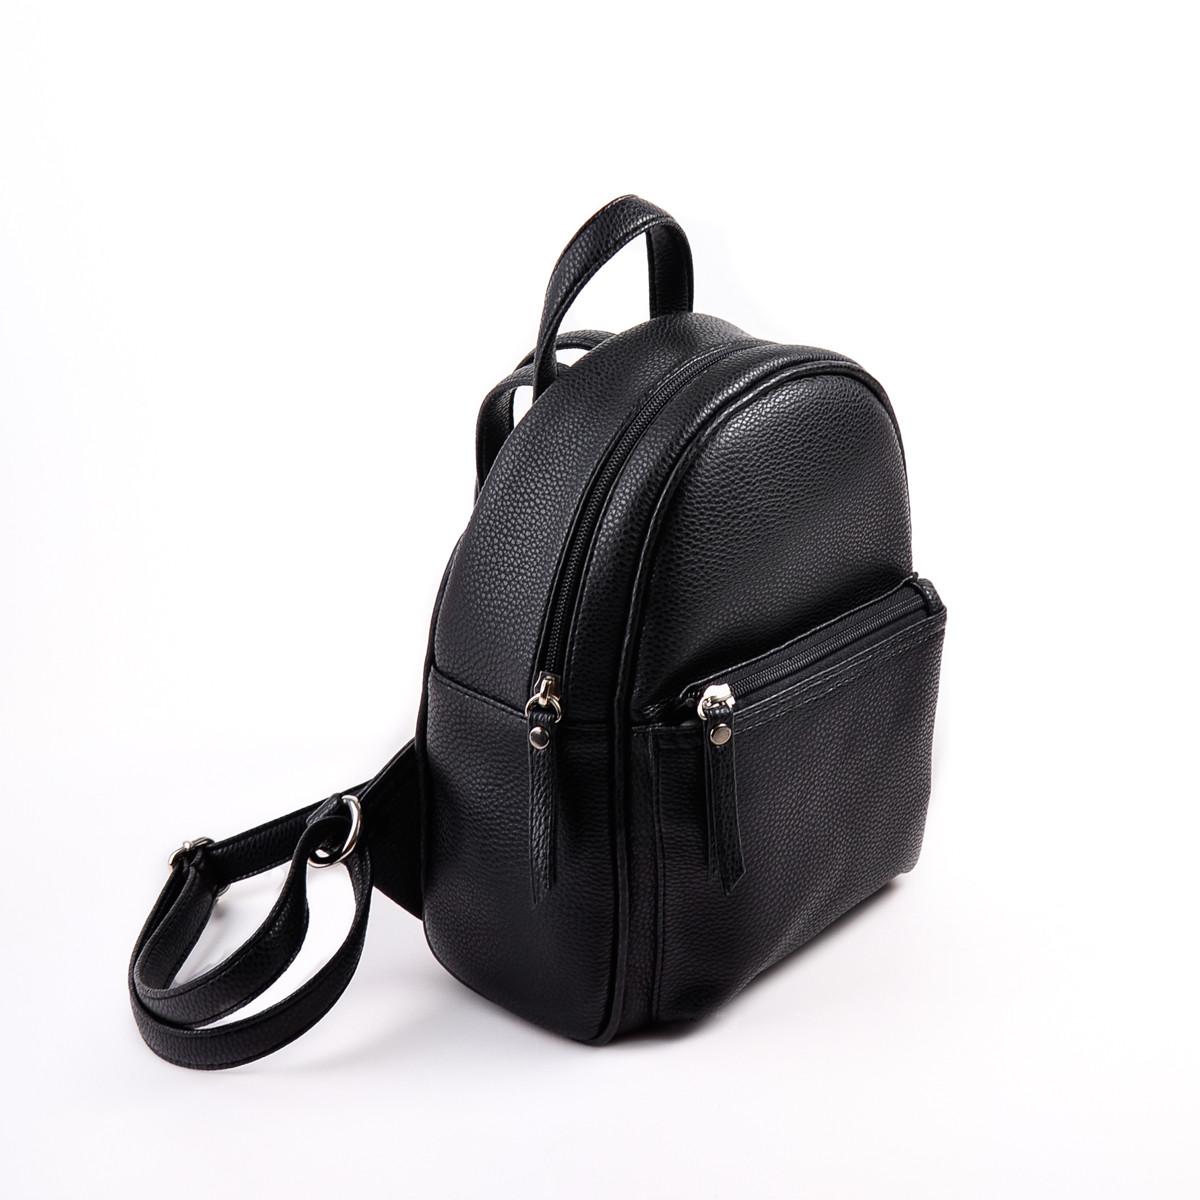 dbe5e54c4195 Купить женский черный рюкзак М124-47 в интернет-магазине «Камелия»